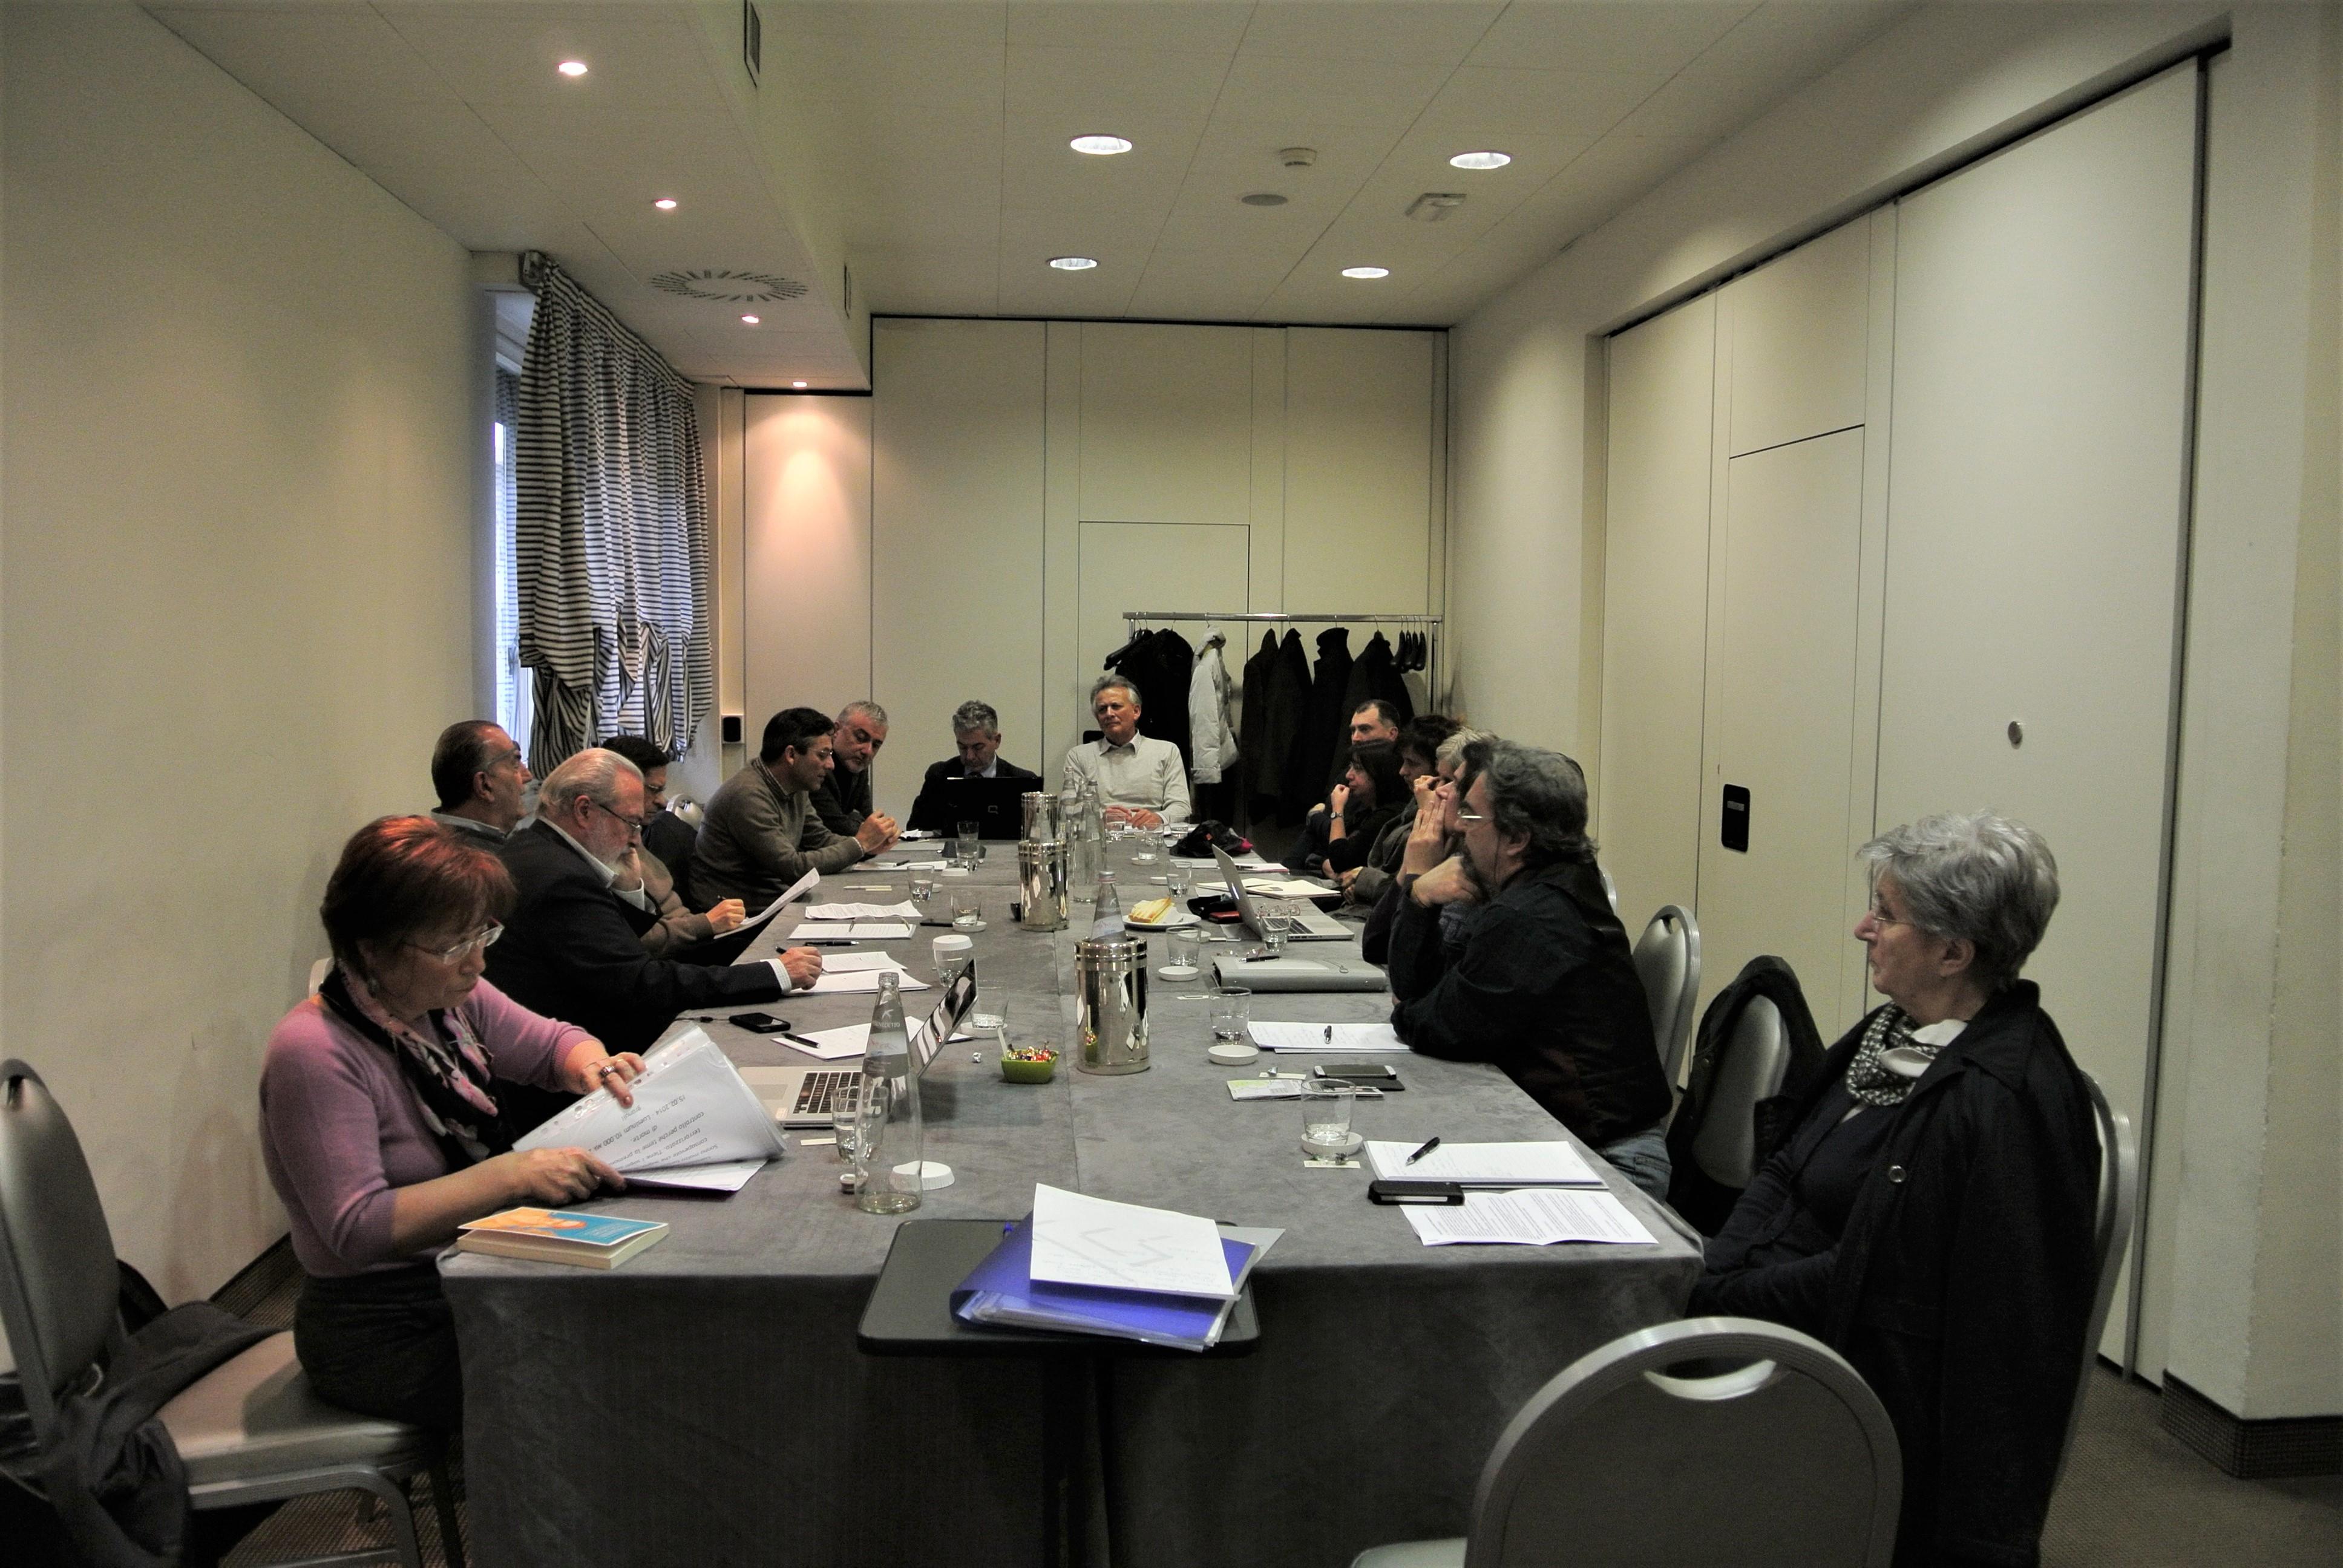 2014-dipartimento-per-la-formazione-fiamo-firenze-2014